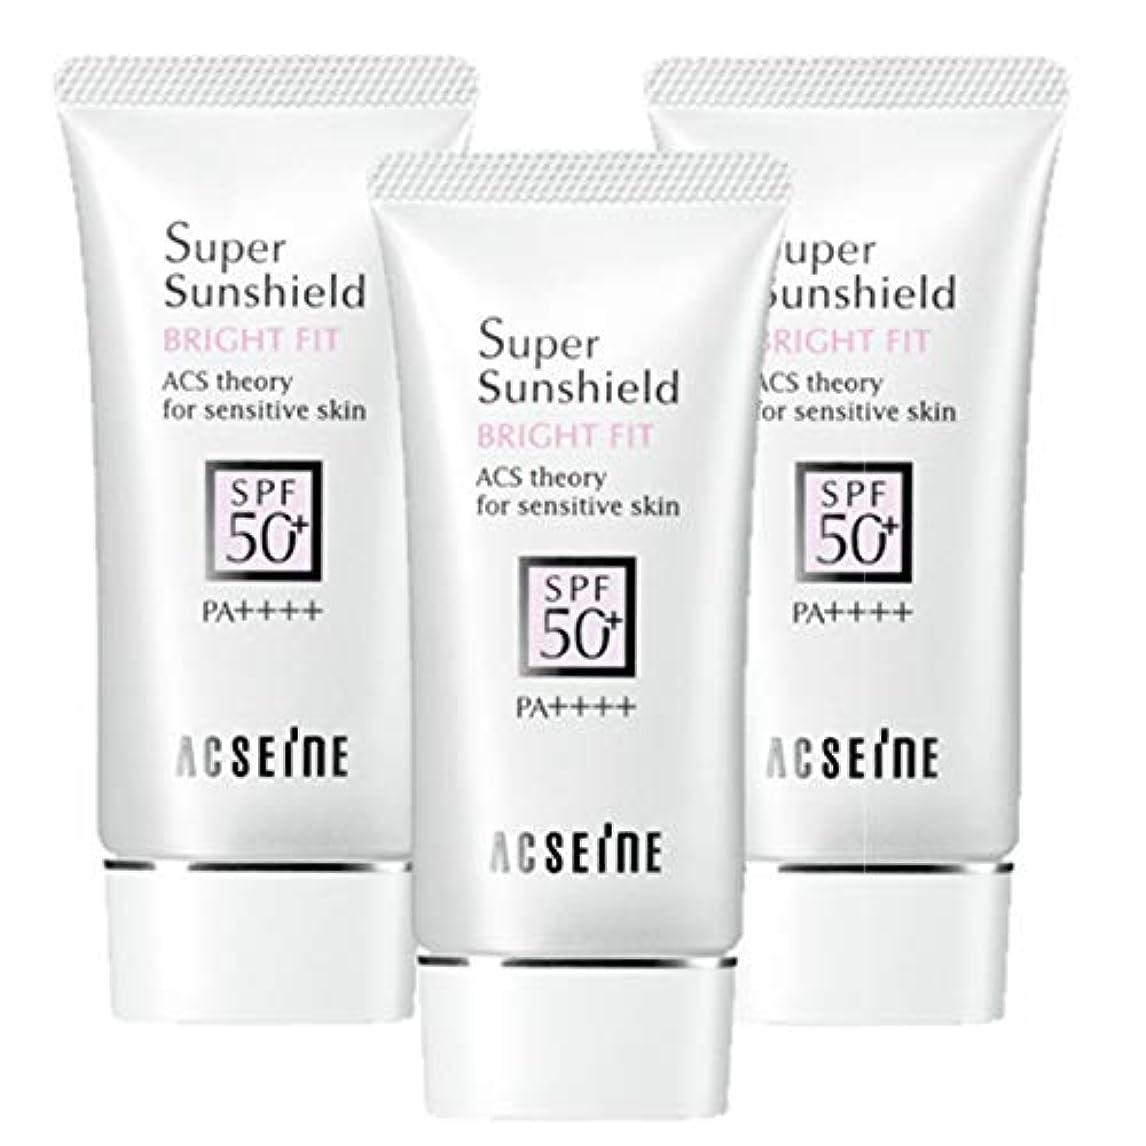 朝不安定ホスト【3本セット】アクセーヌ スーパーサンシールドブライトフィット《40g》